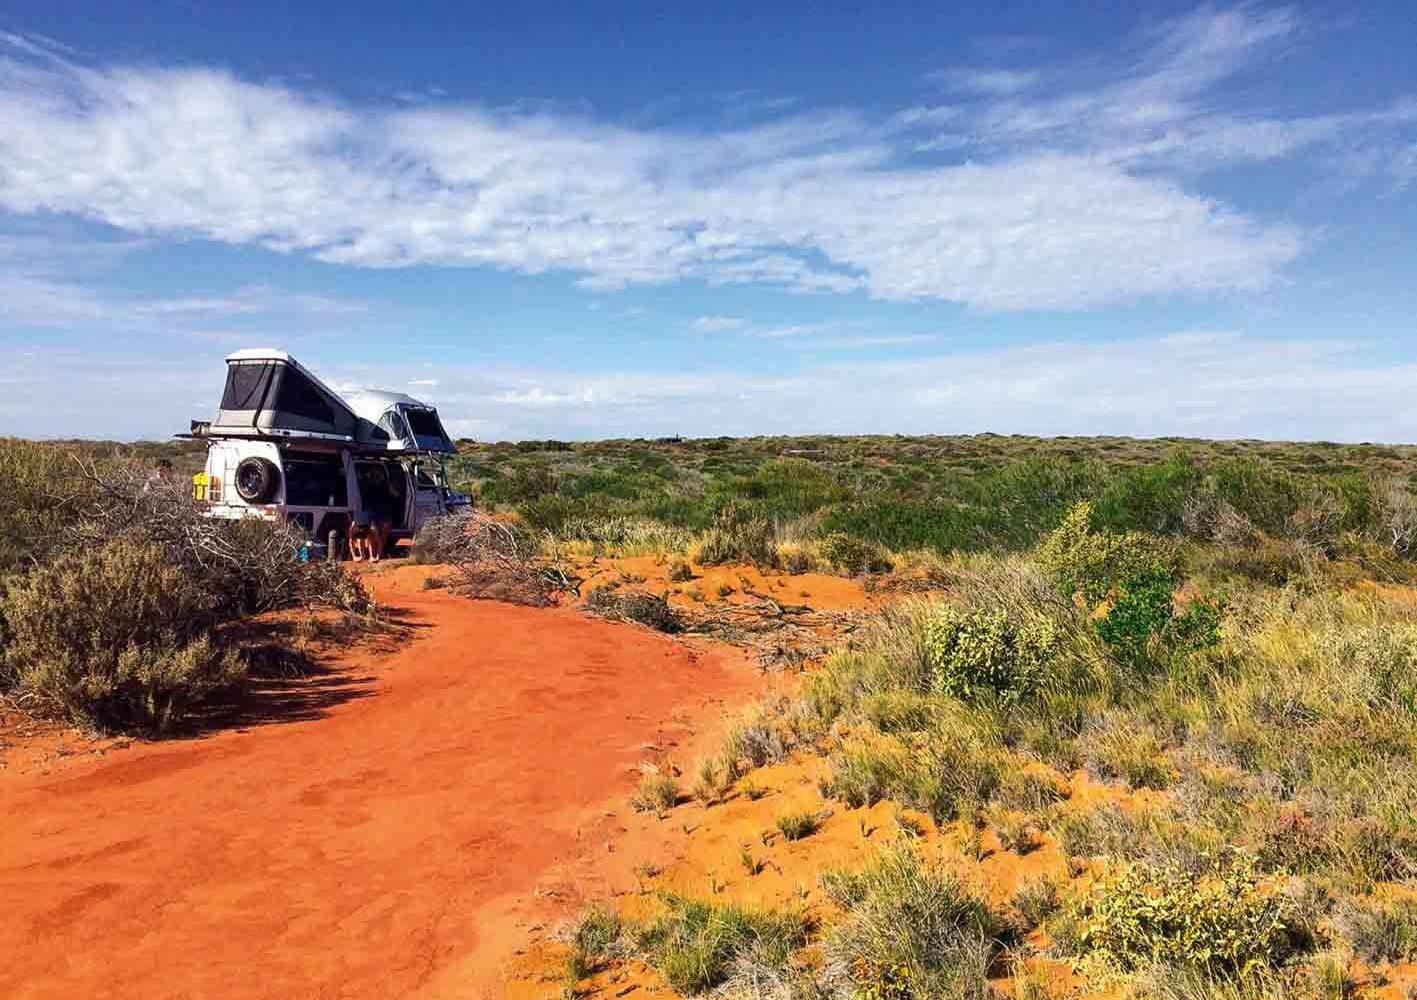 Campingplatz mitten in der Wildnis, West-Australien